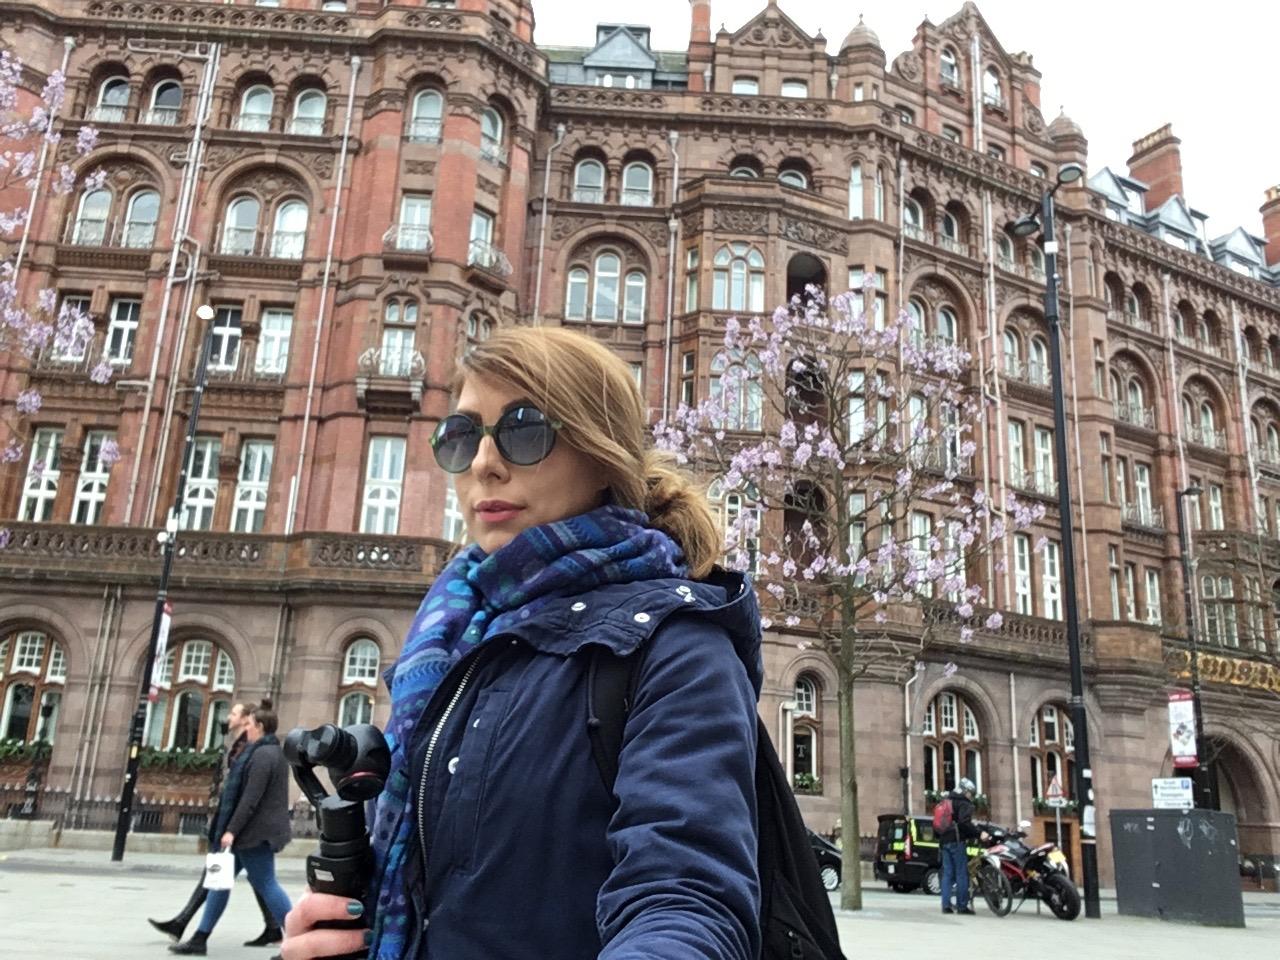 Singură prin Manchester – UK Ziua 3